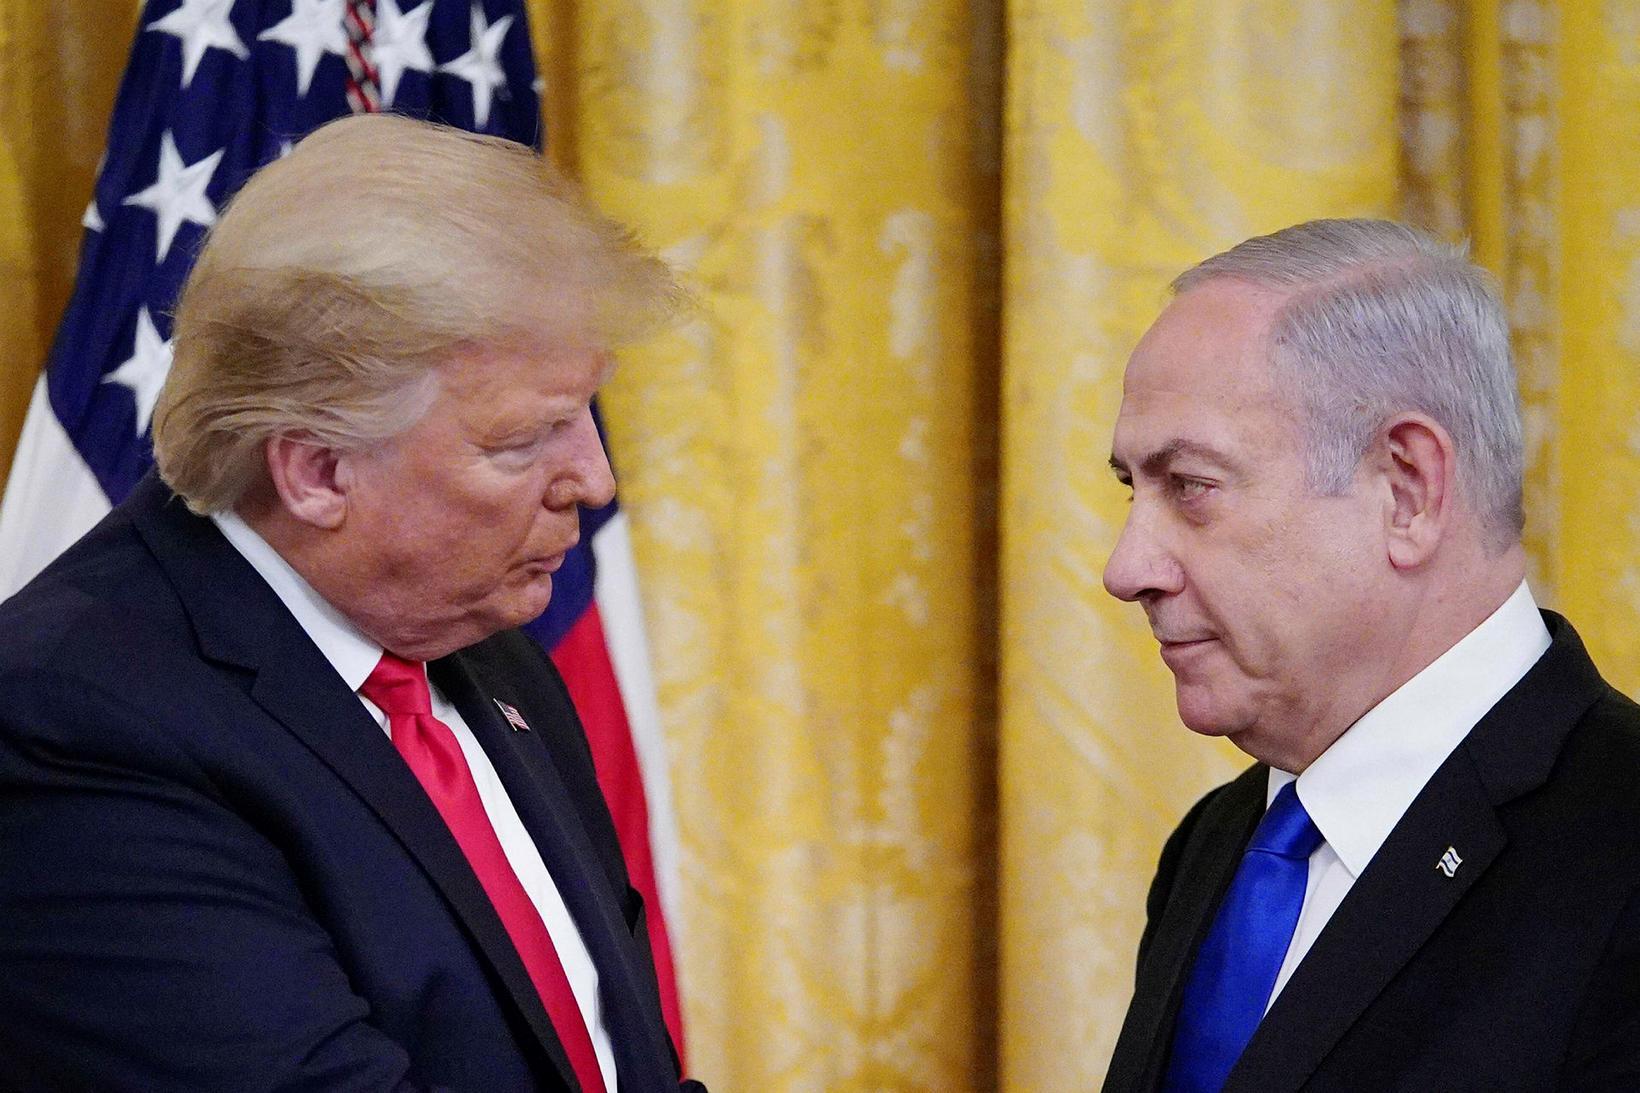 Donald Trump, forseti Bandaríkjanna, og Benjamin Netanyahu, forsætisráðherra Ísraels, í …